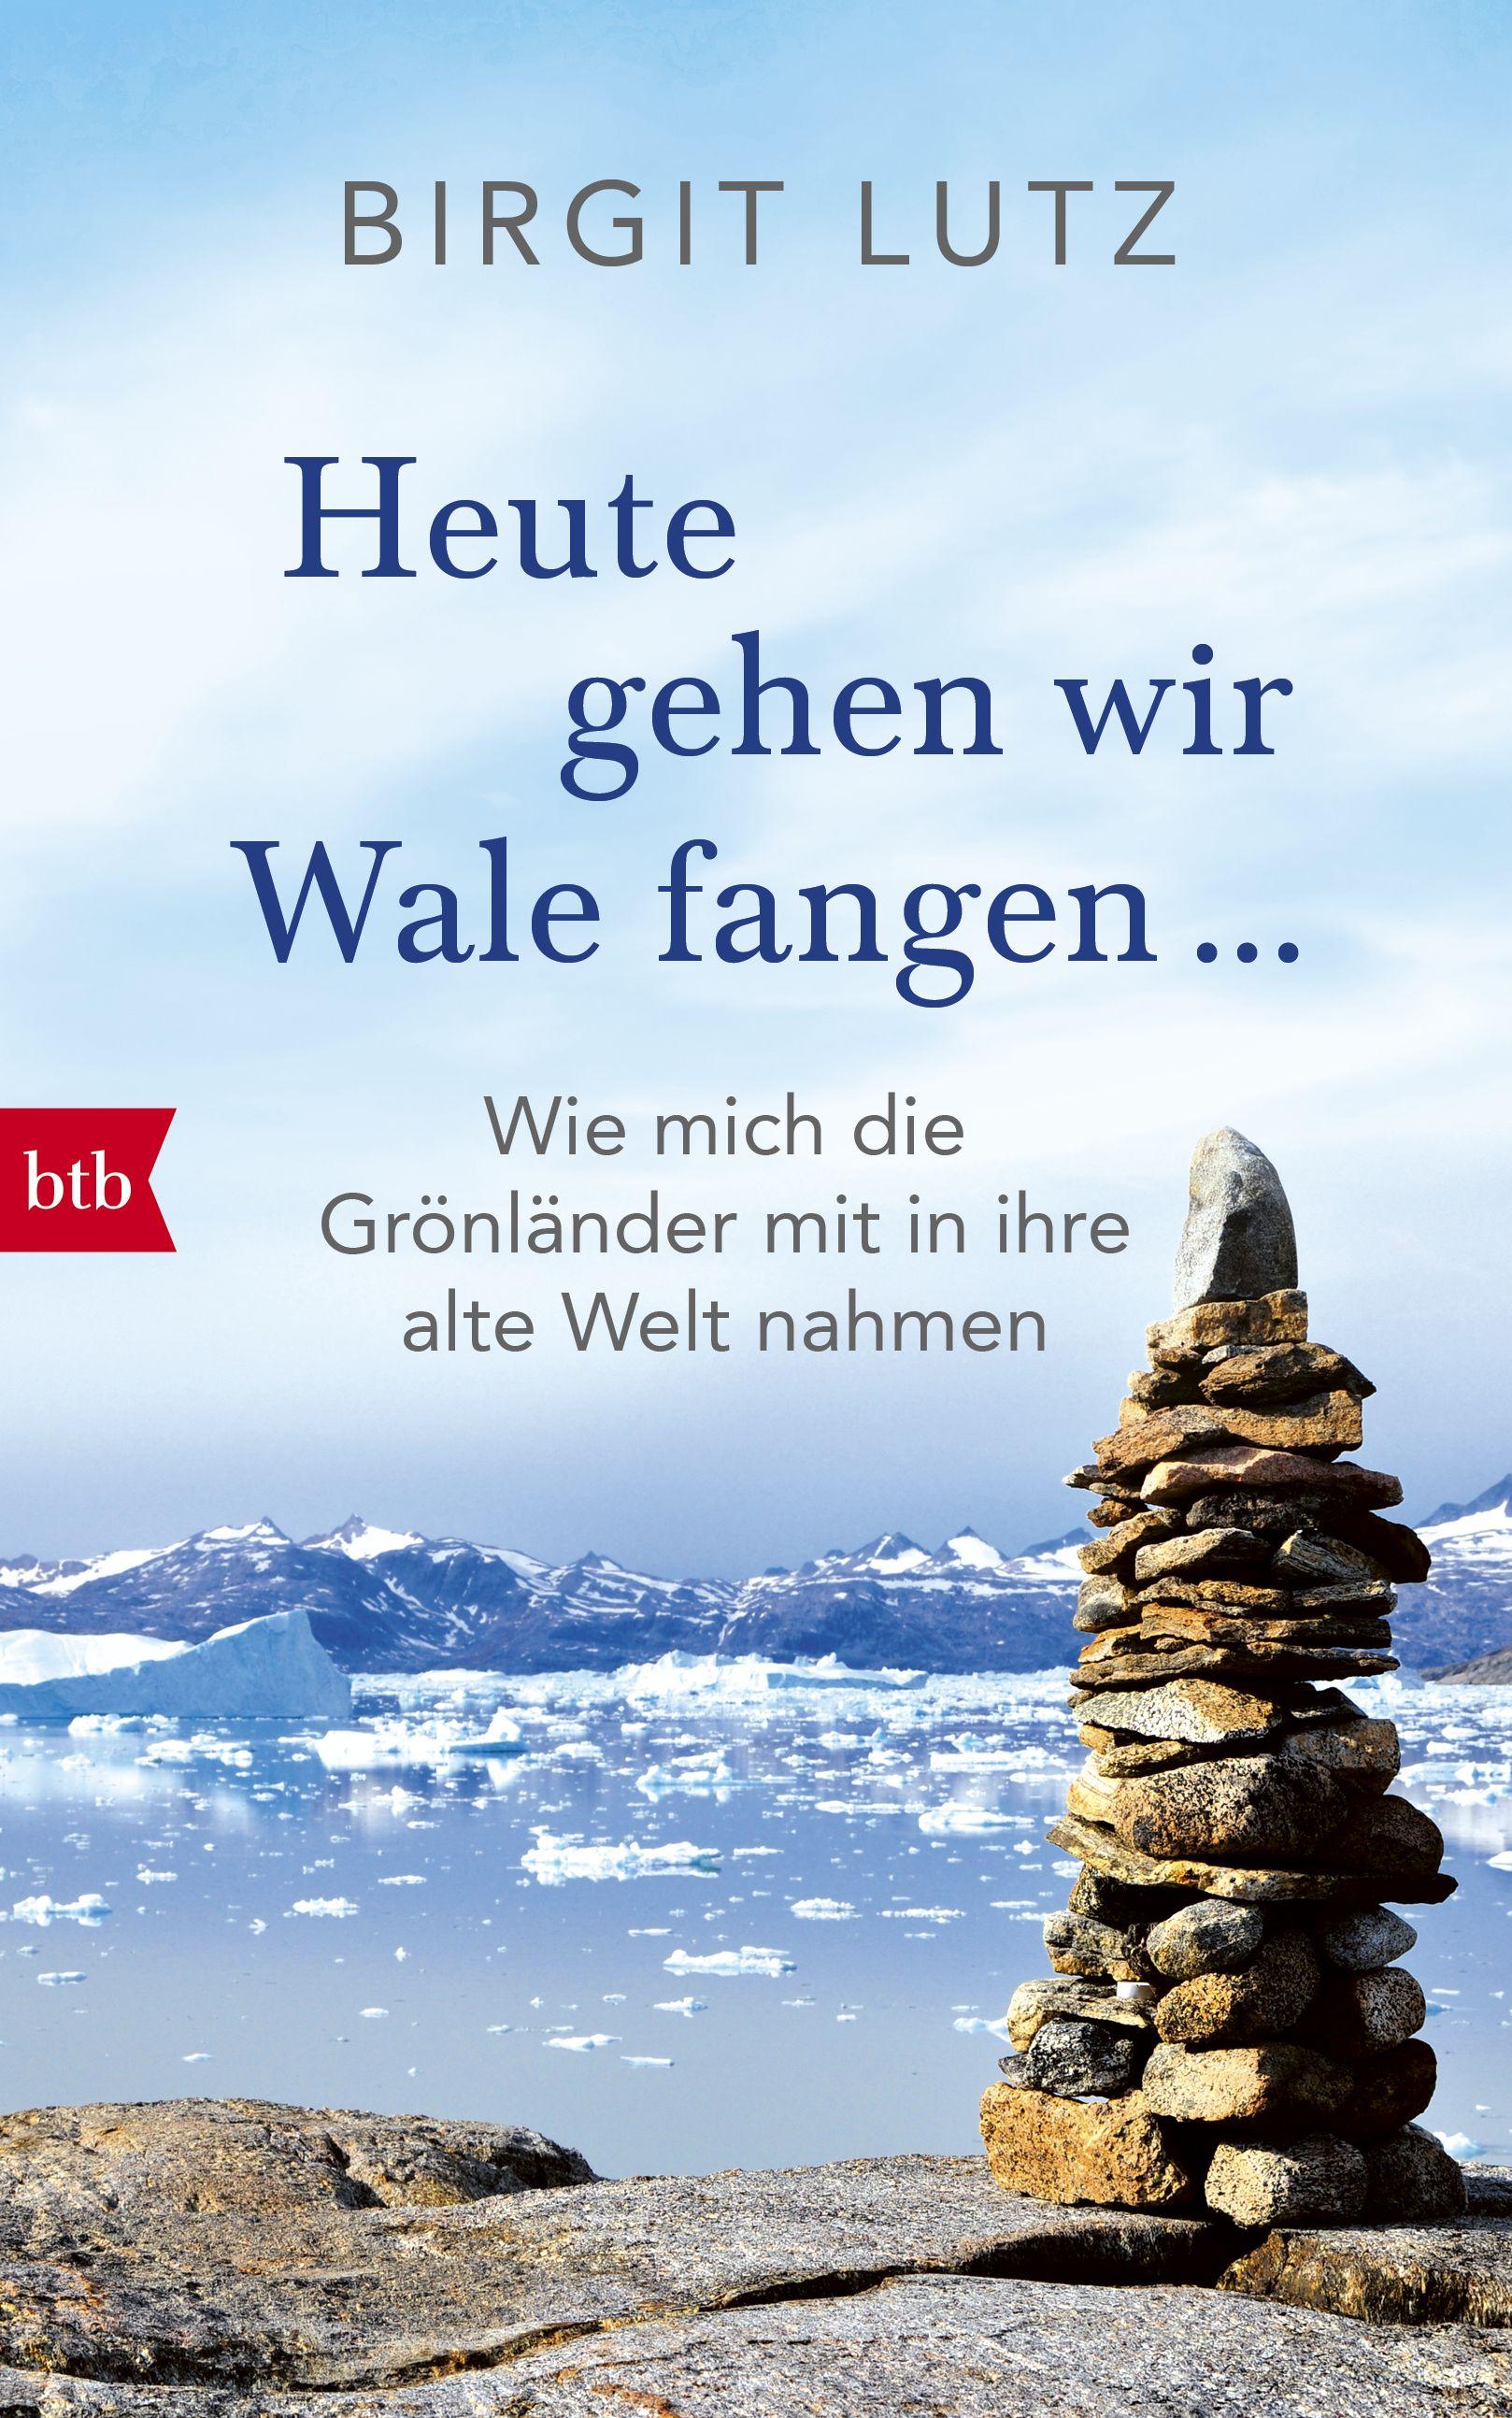 Lutz_BHeute_gehen_wir_Wale_fangen_178923_300dpi-2.jpg